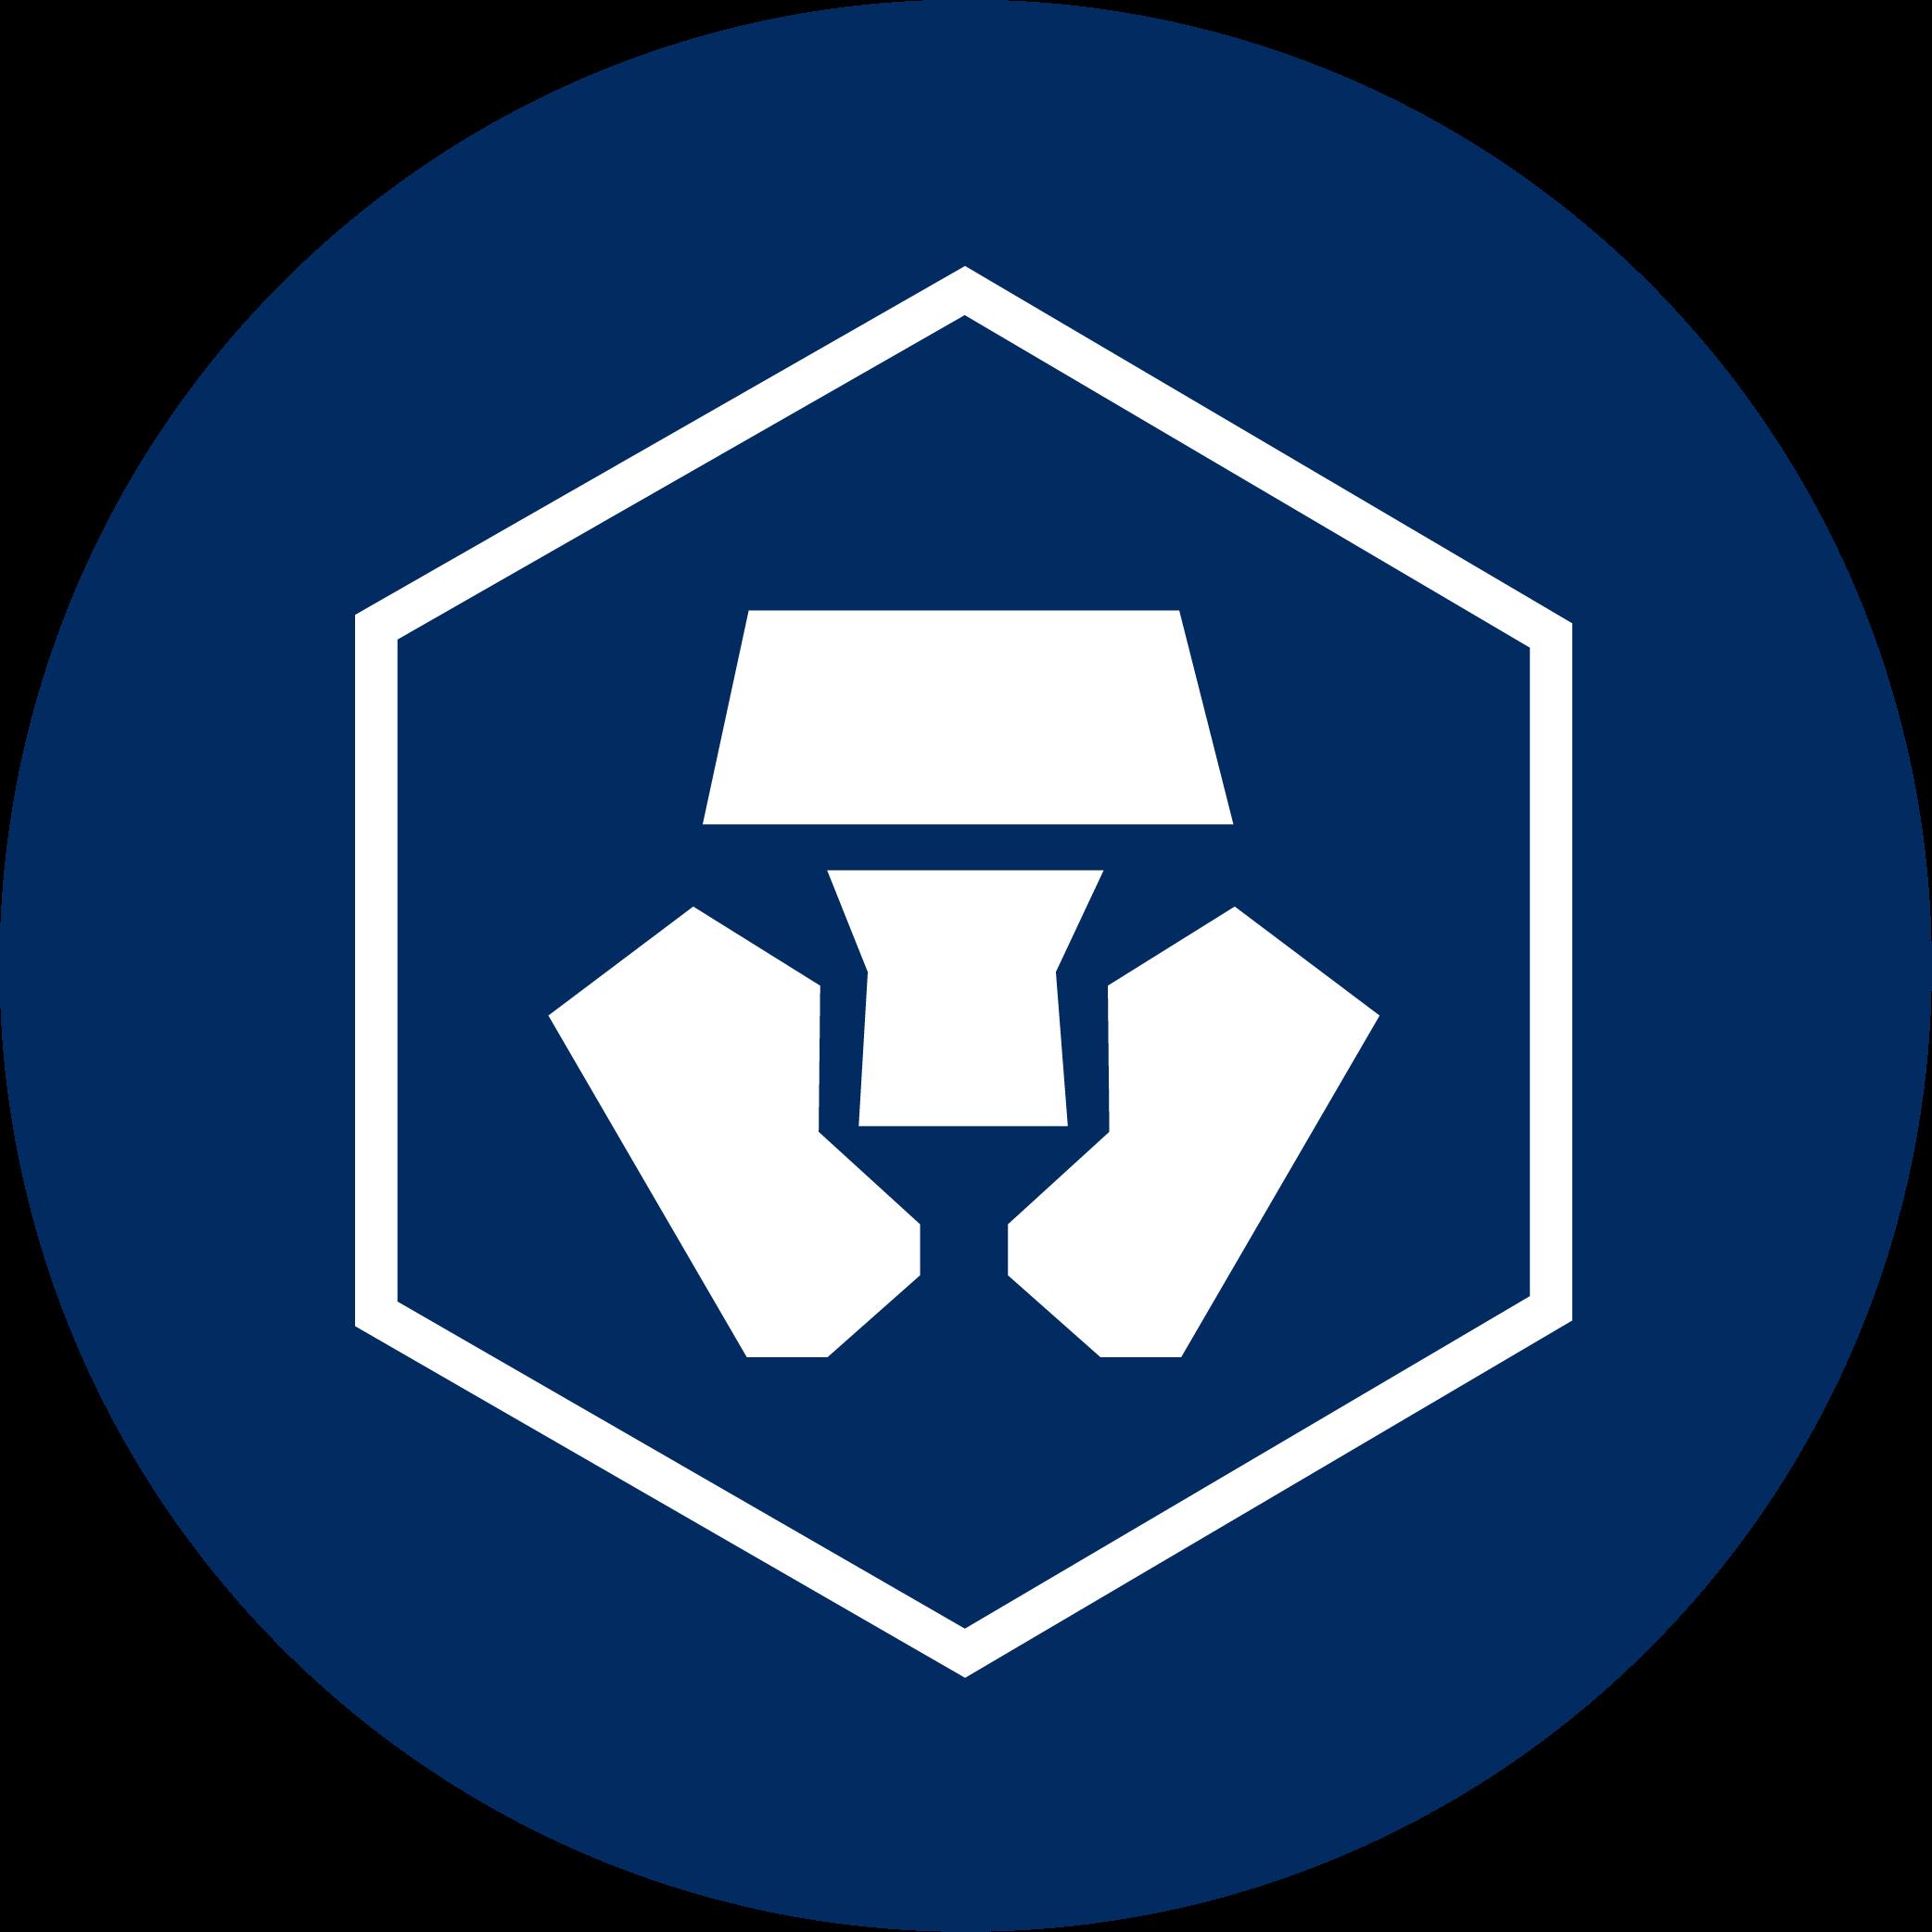 Crypto.com-Coin logo